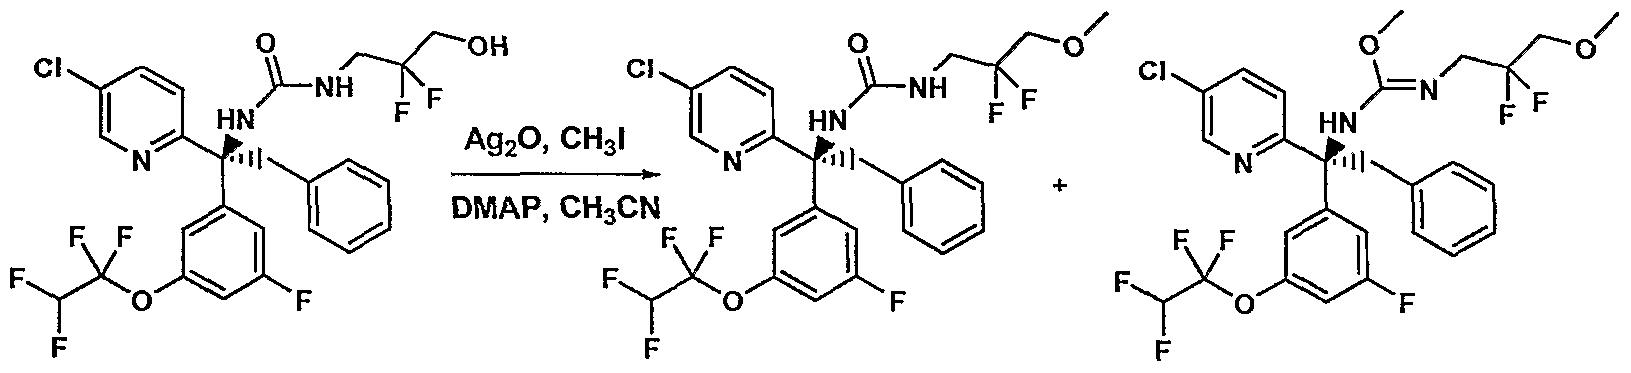 Figure imgf000491_0002